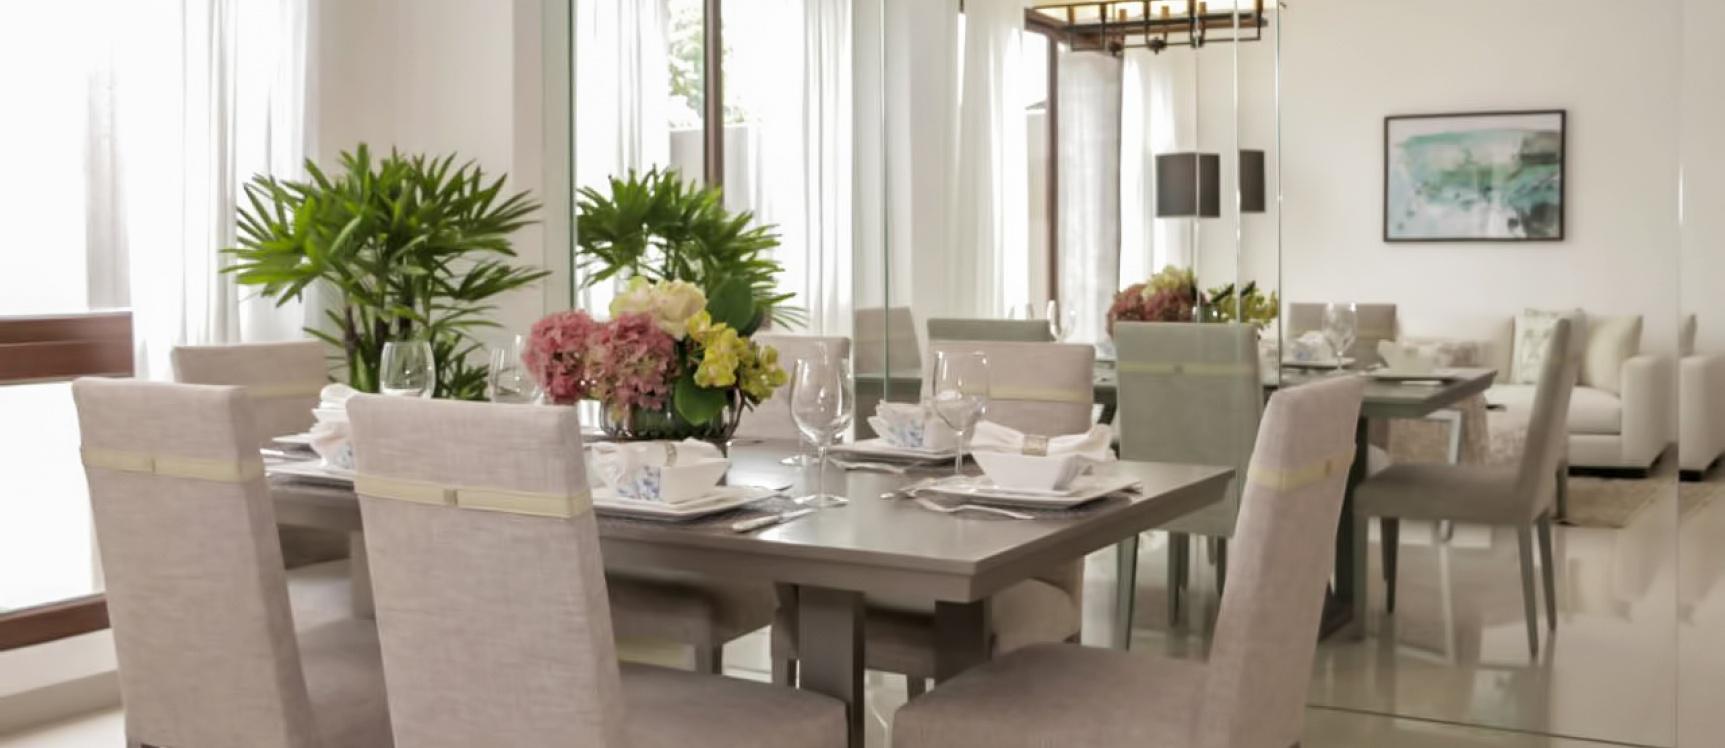 GeoBienes - Departamento en venta en planta baja del condominio sector Samborondón - Plusvalia Guayaquil Casas de venta y alquiler Inmobiliaria Ecuador